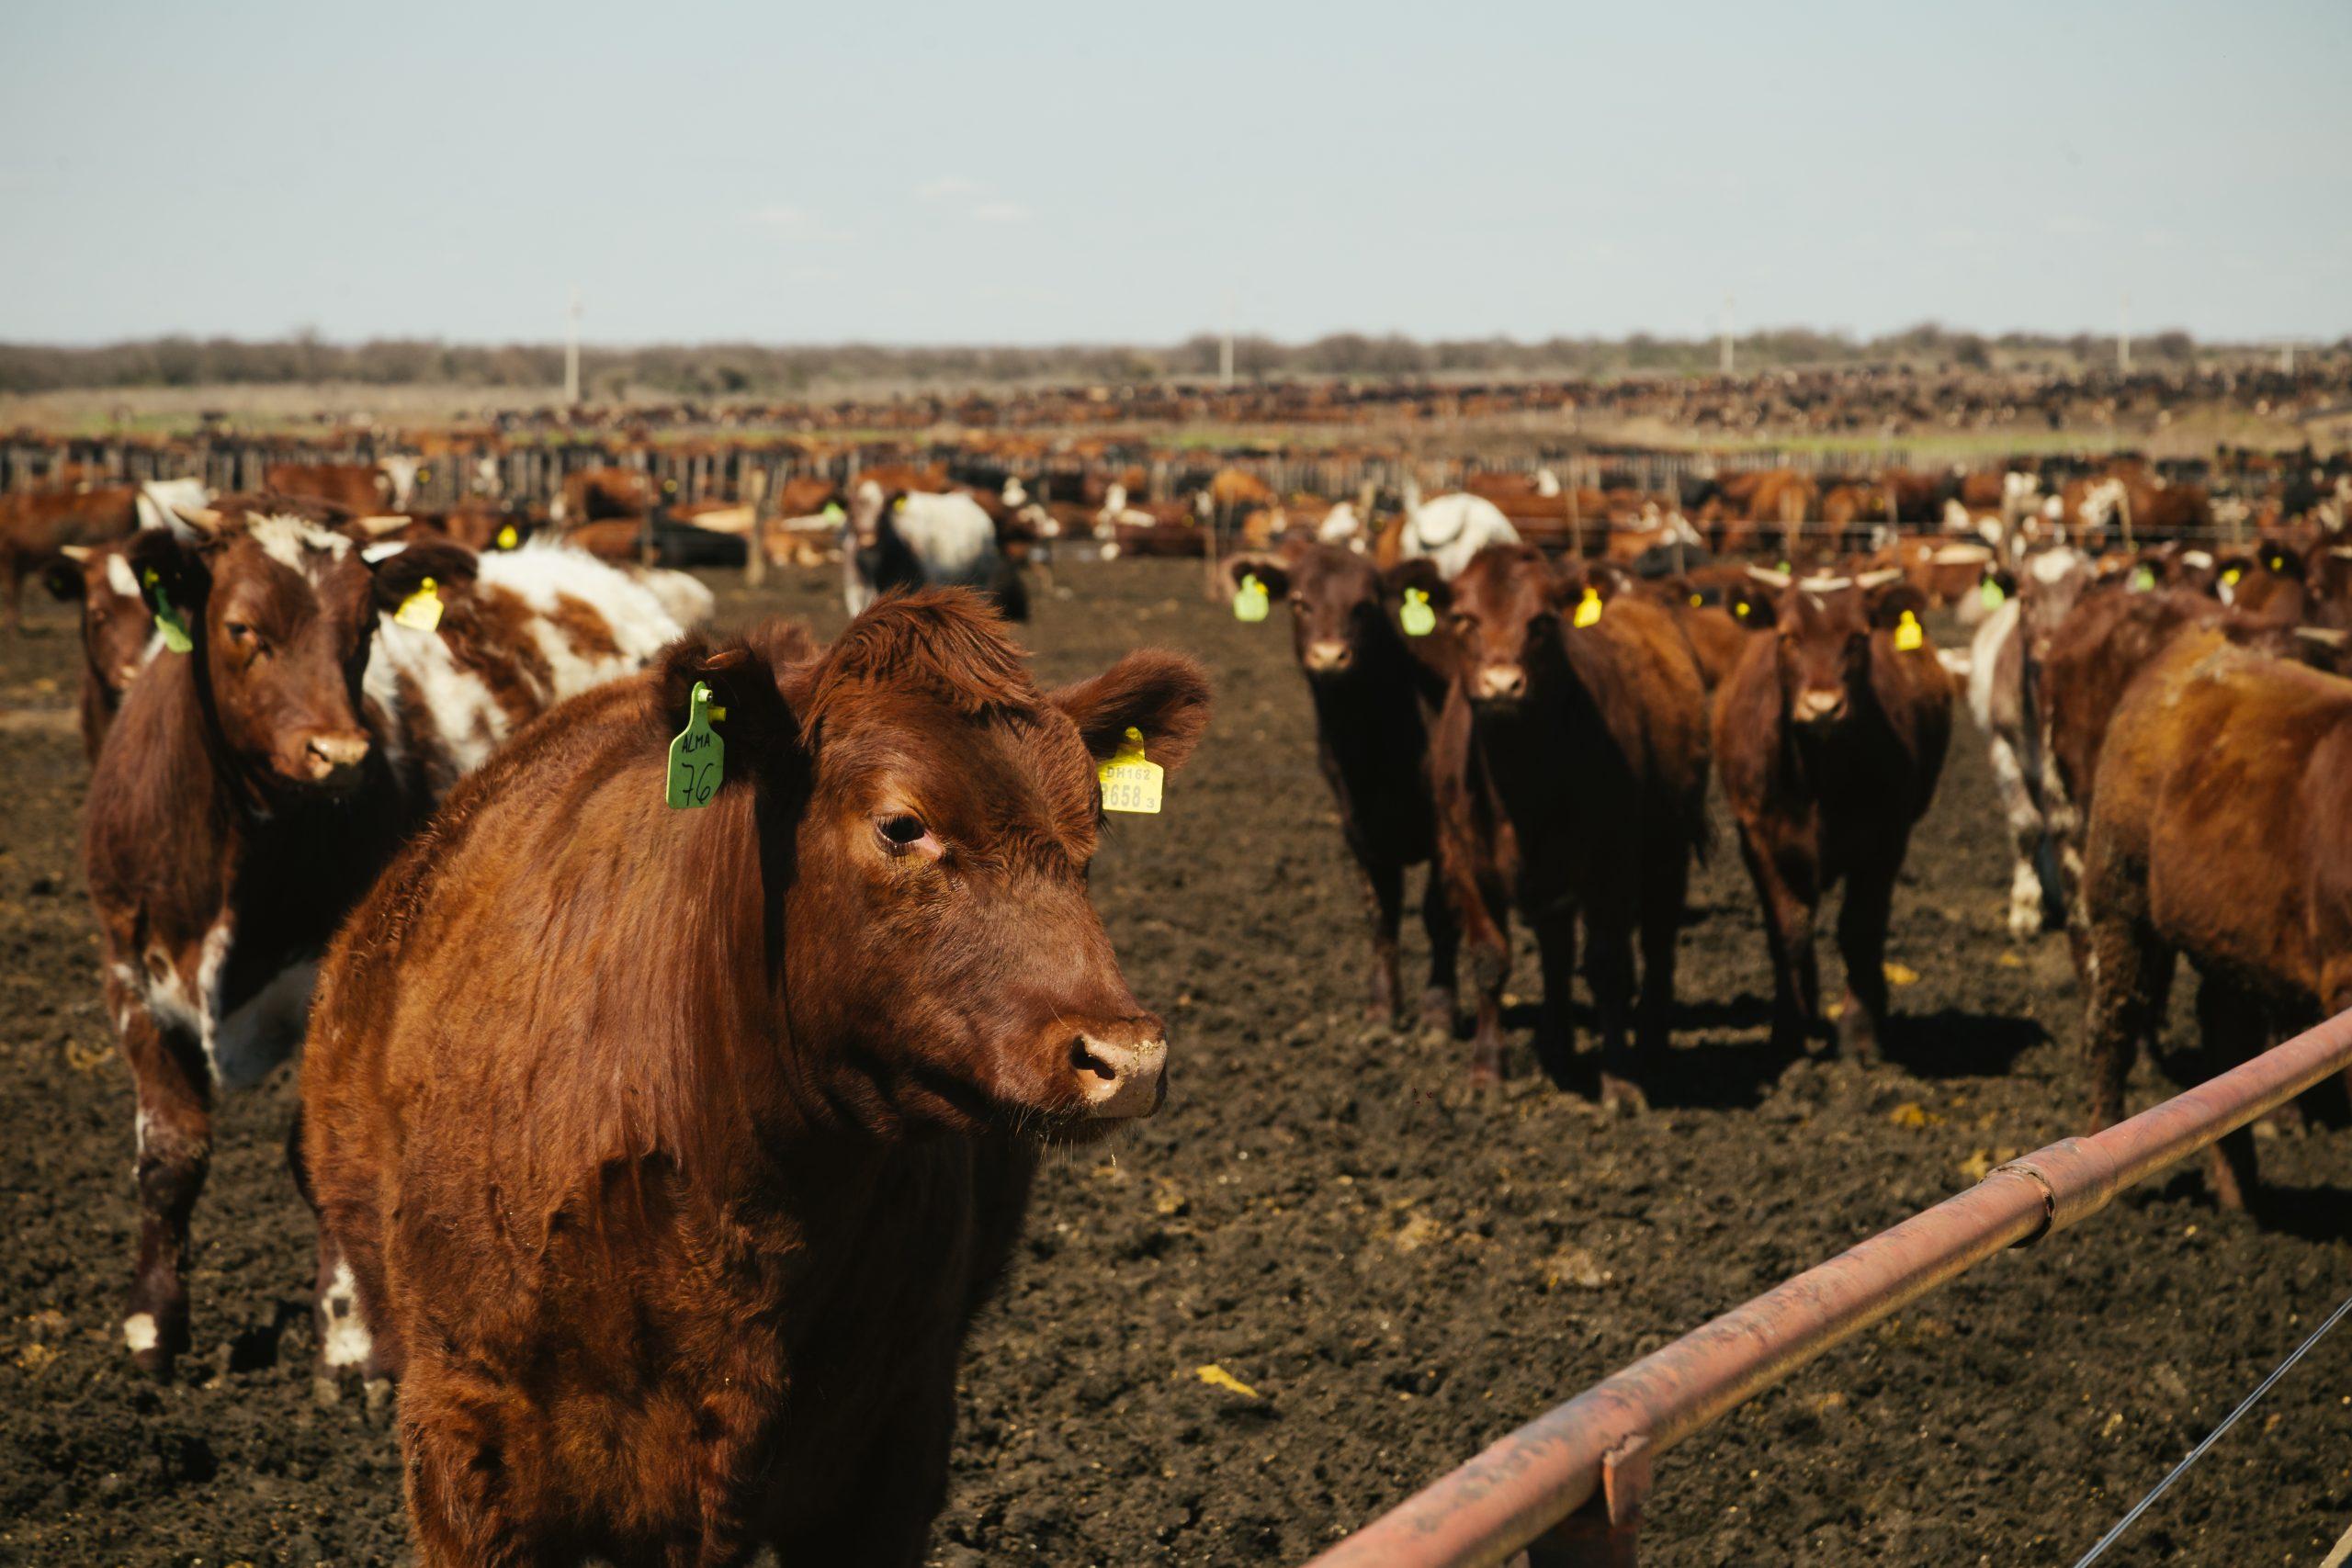 Cattle in a feedlot